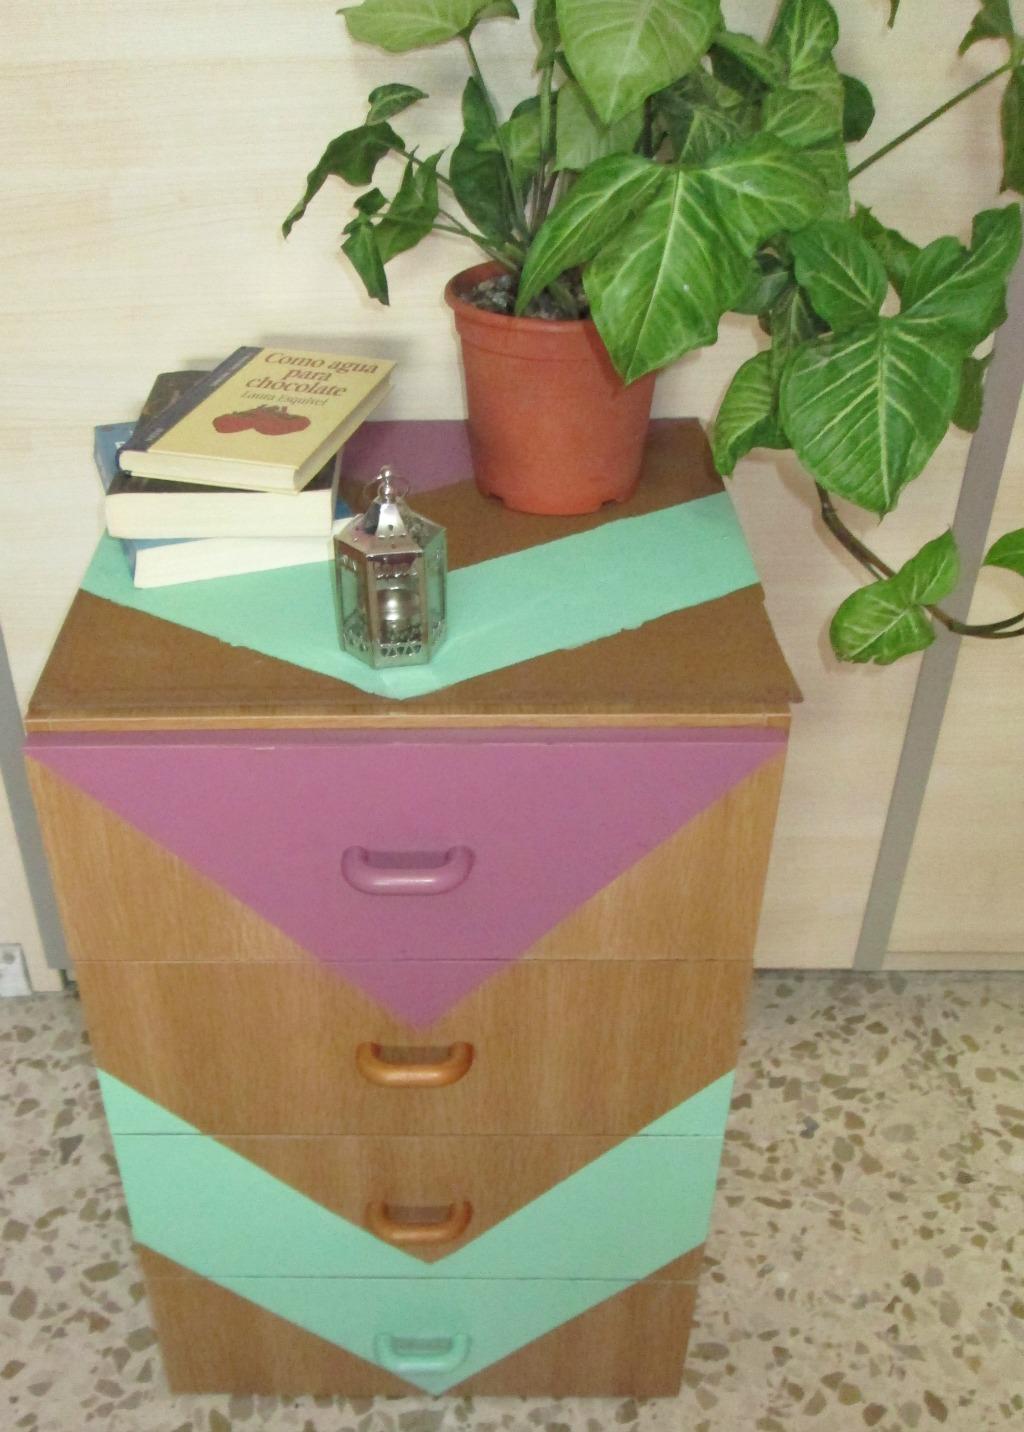 Estrellas con nueces reciclar un mueble de cocina - Reciclar muebles de cocina ...